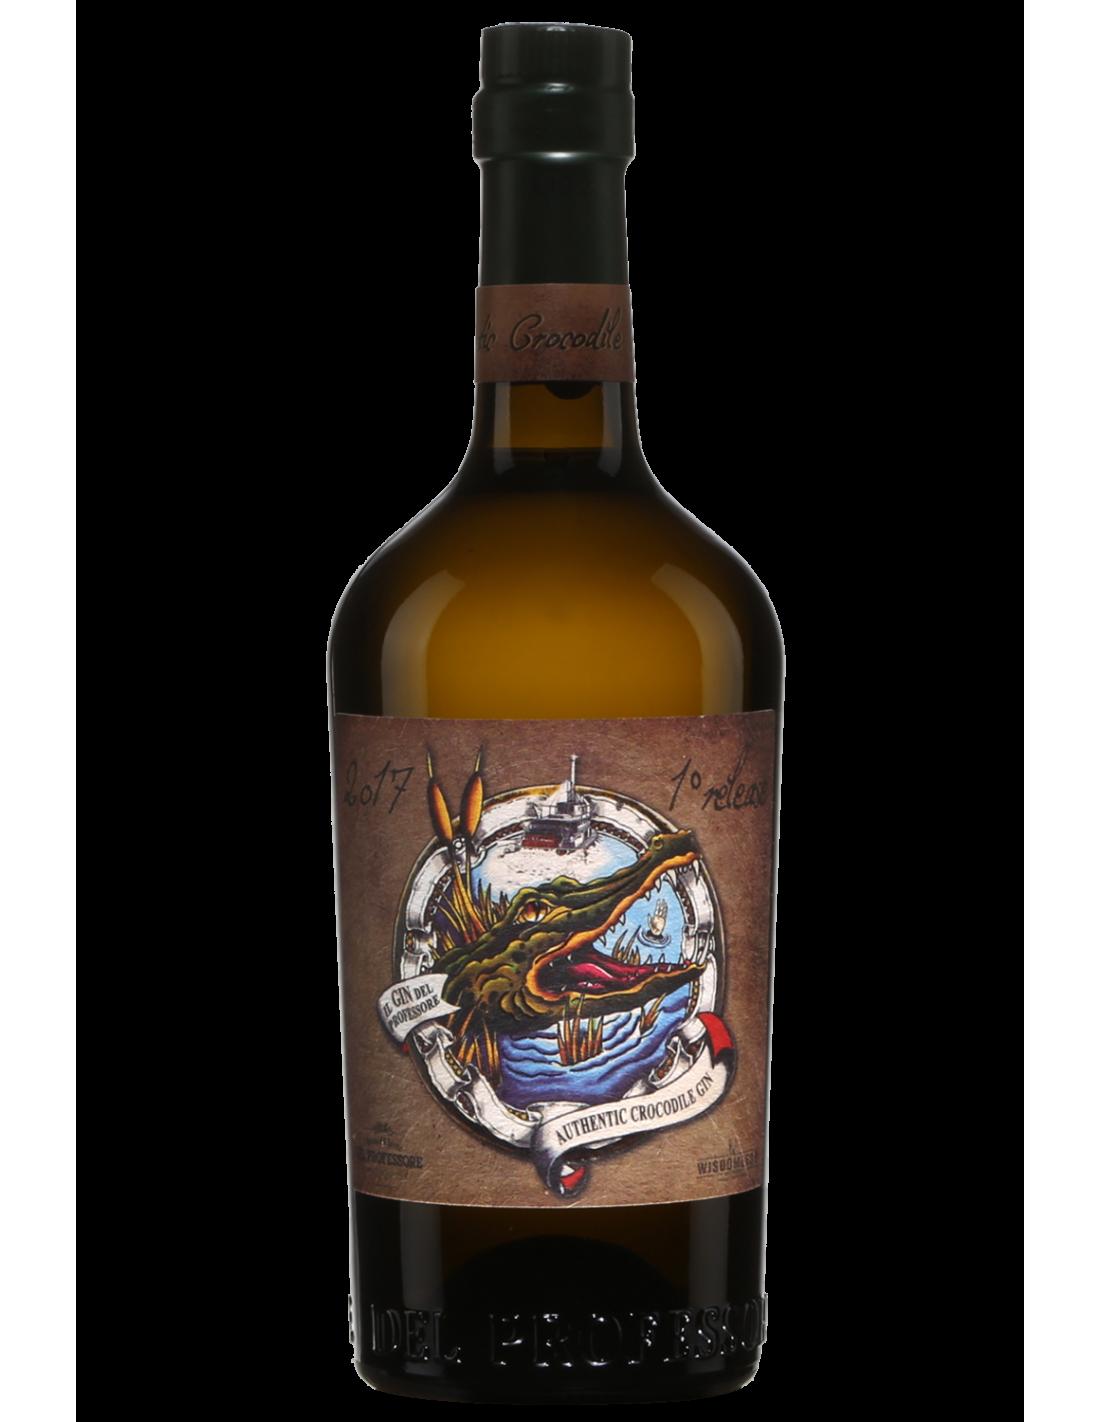 Gin Del Professore Authentic Crocodile, 45% alc., 0.7L, Italia